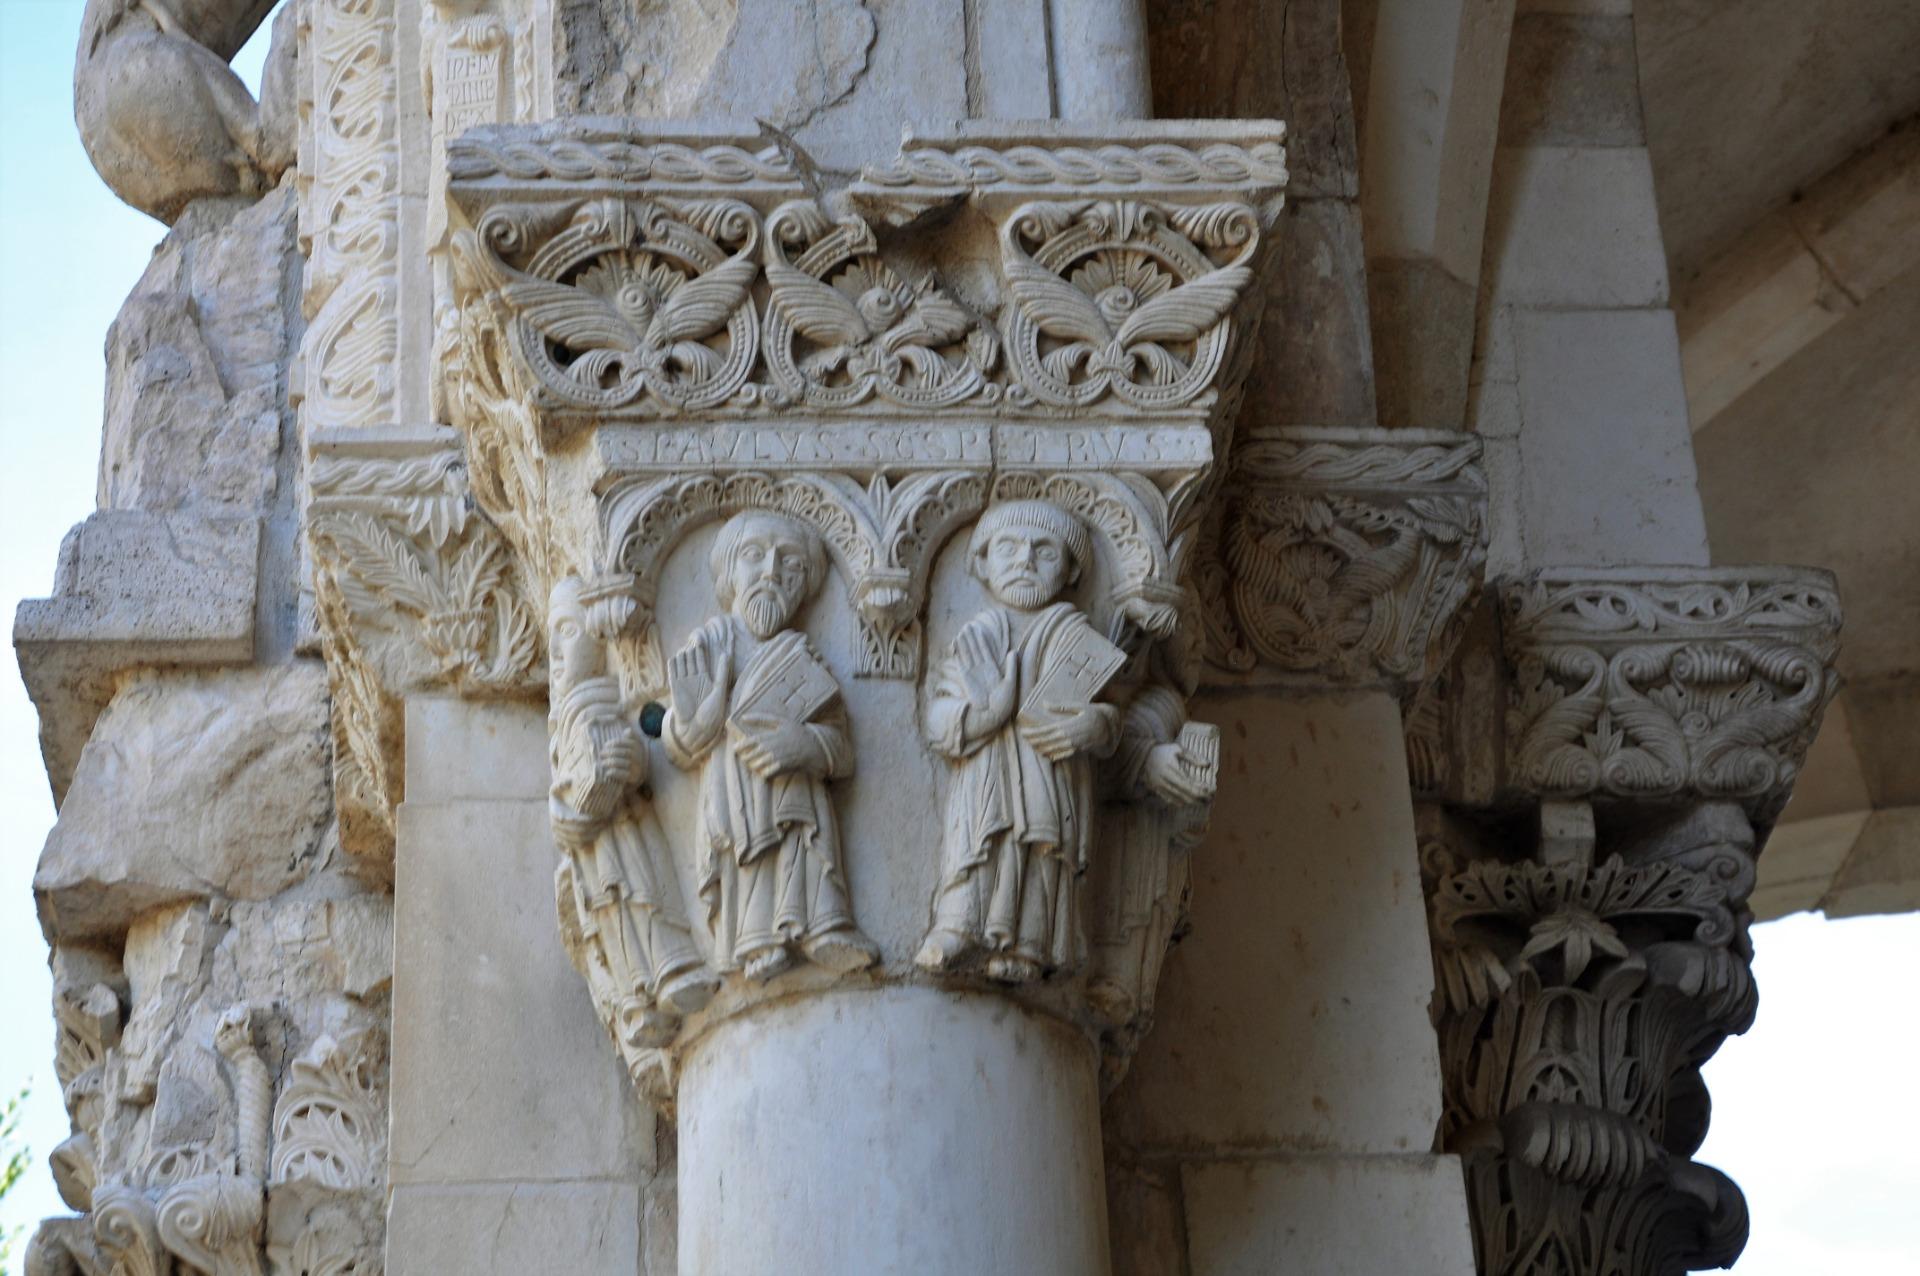 Dettaglio di una colonna scolpita di una basilica abruzzese